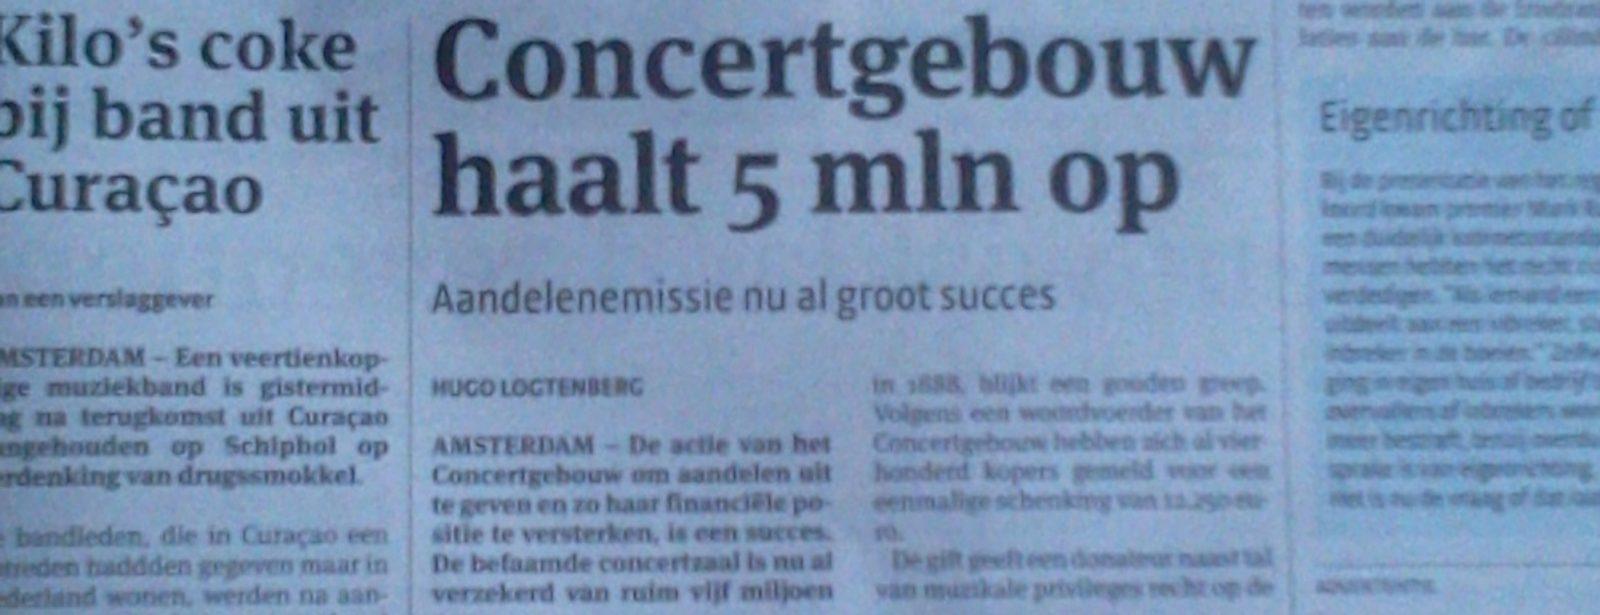 Concertgebouw Amsterdam geeft aandelen uit